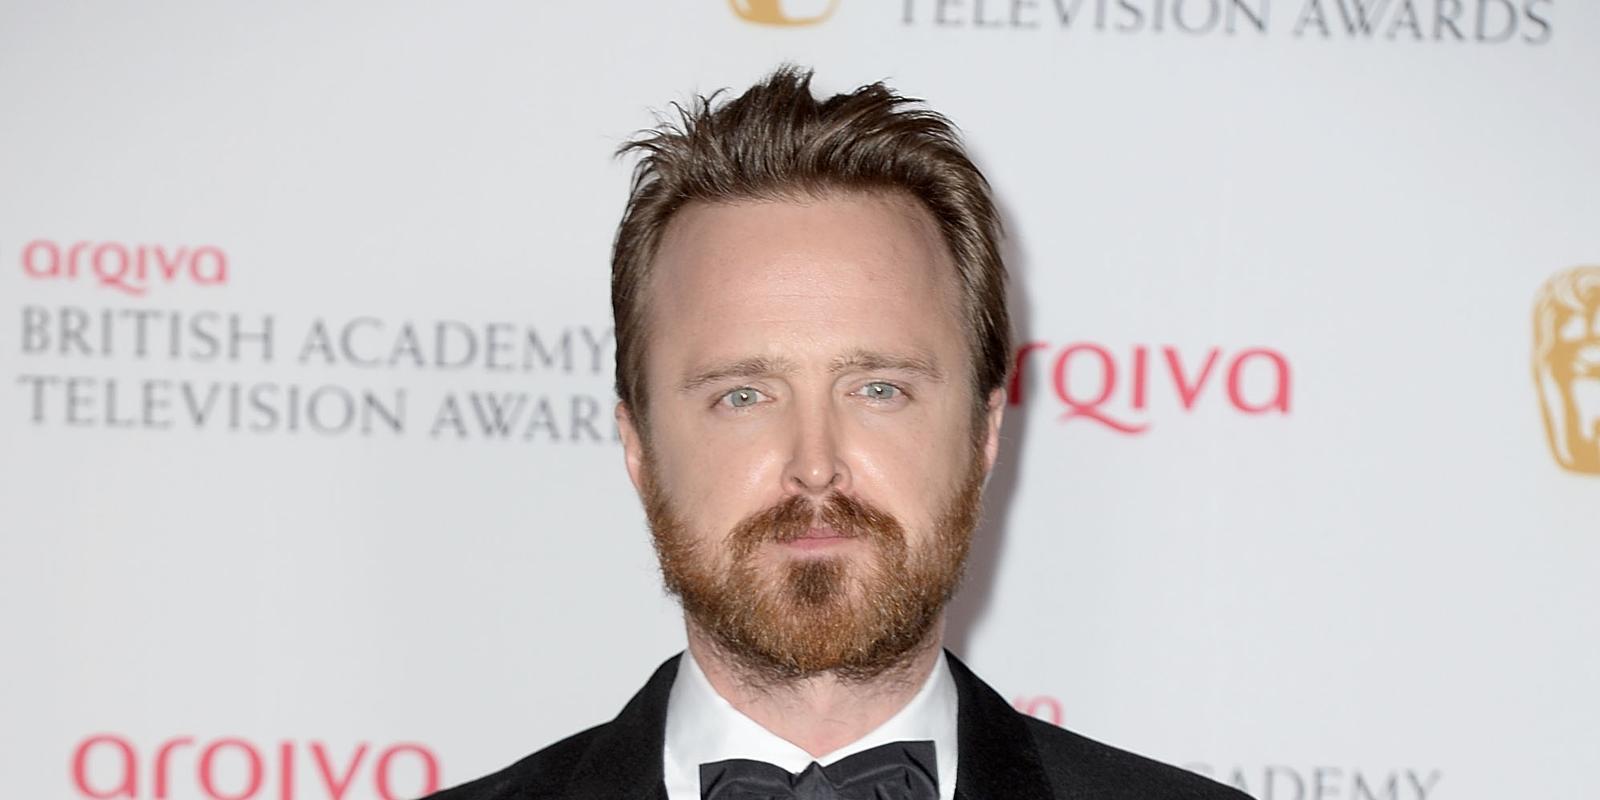 Bafta: BAFTA Television Awards 2014